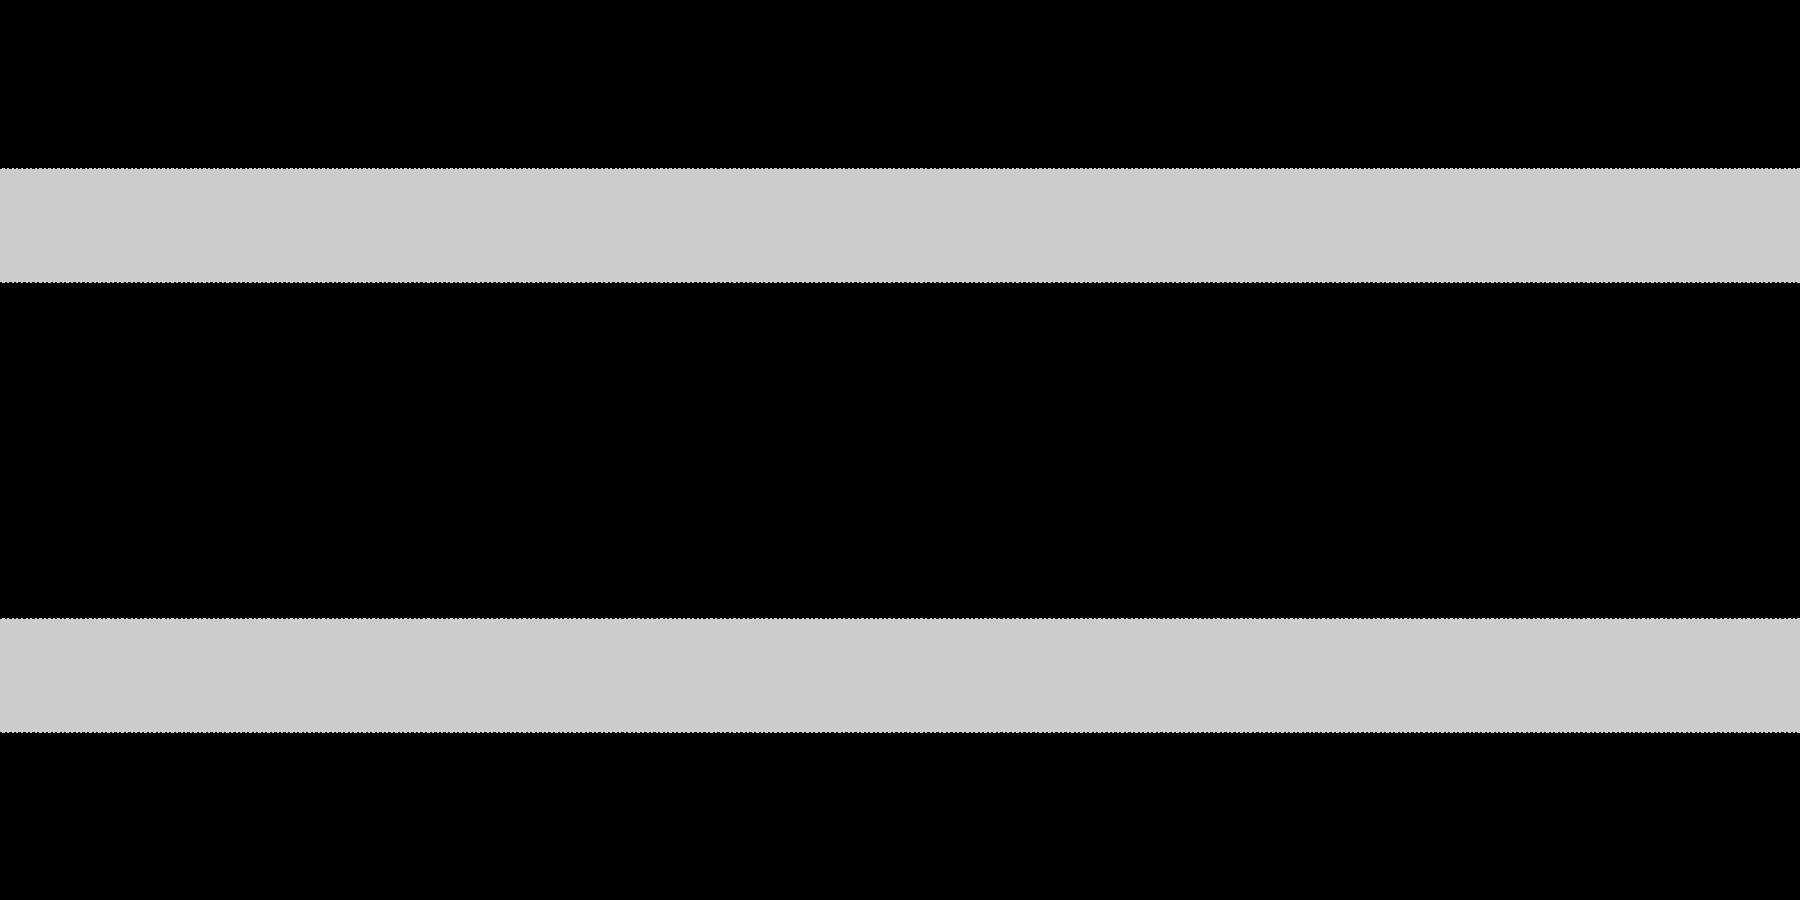 ピー:放送禁止音の未再生の波形